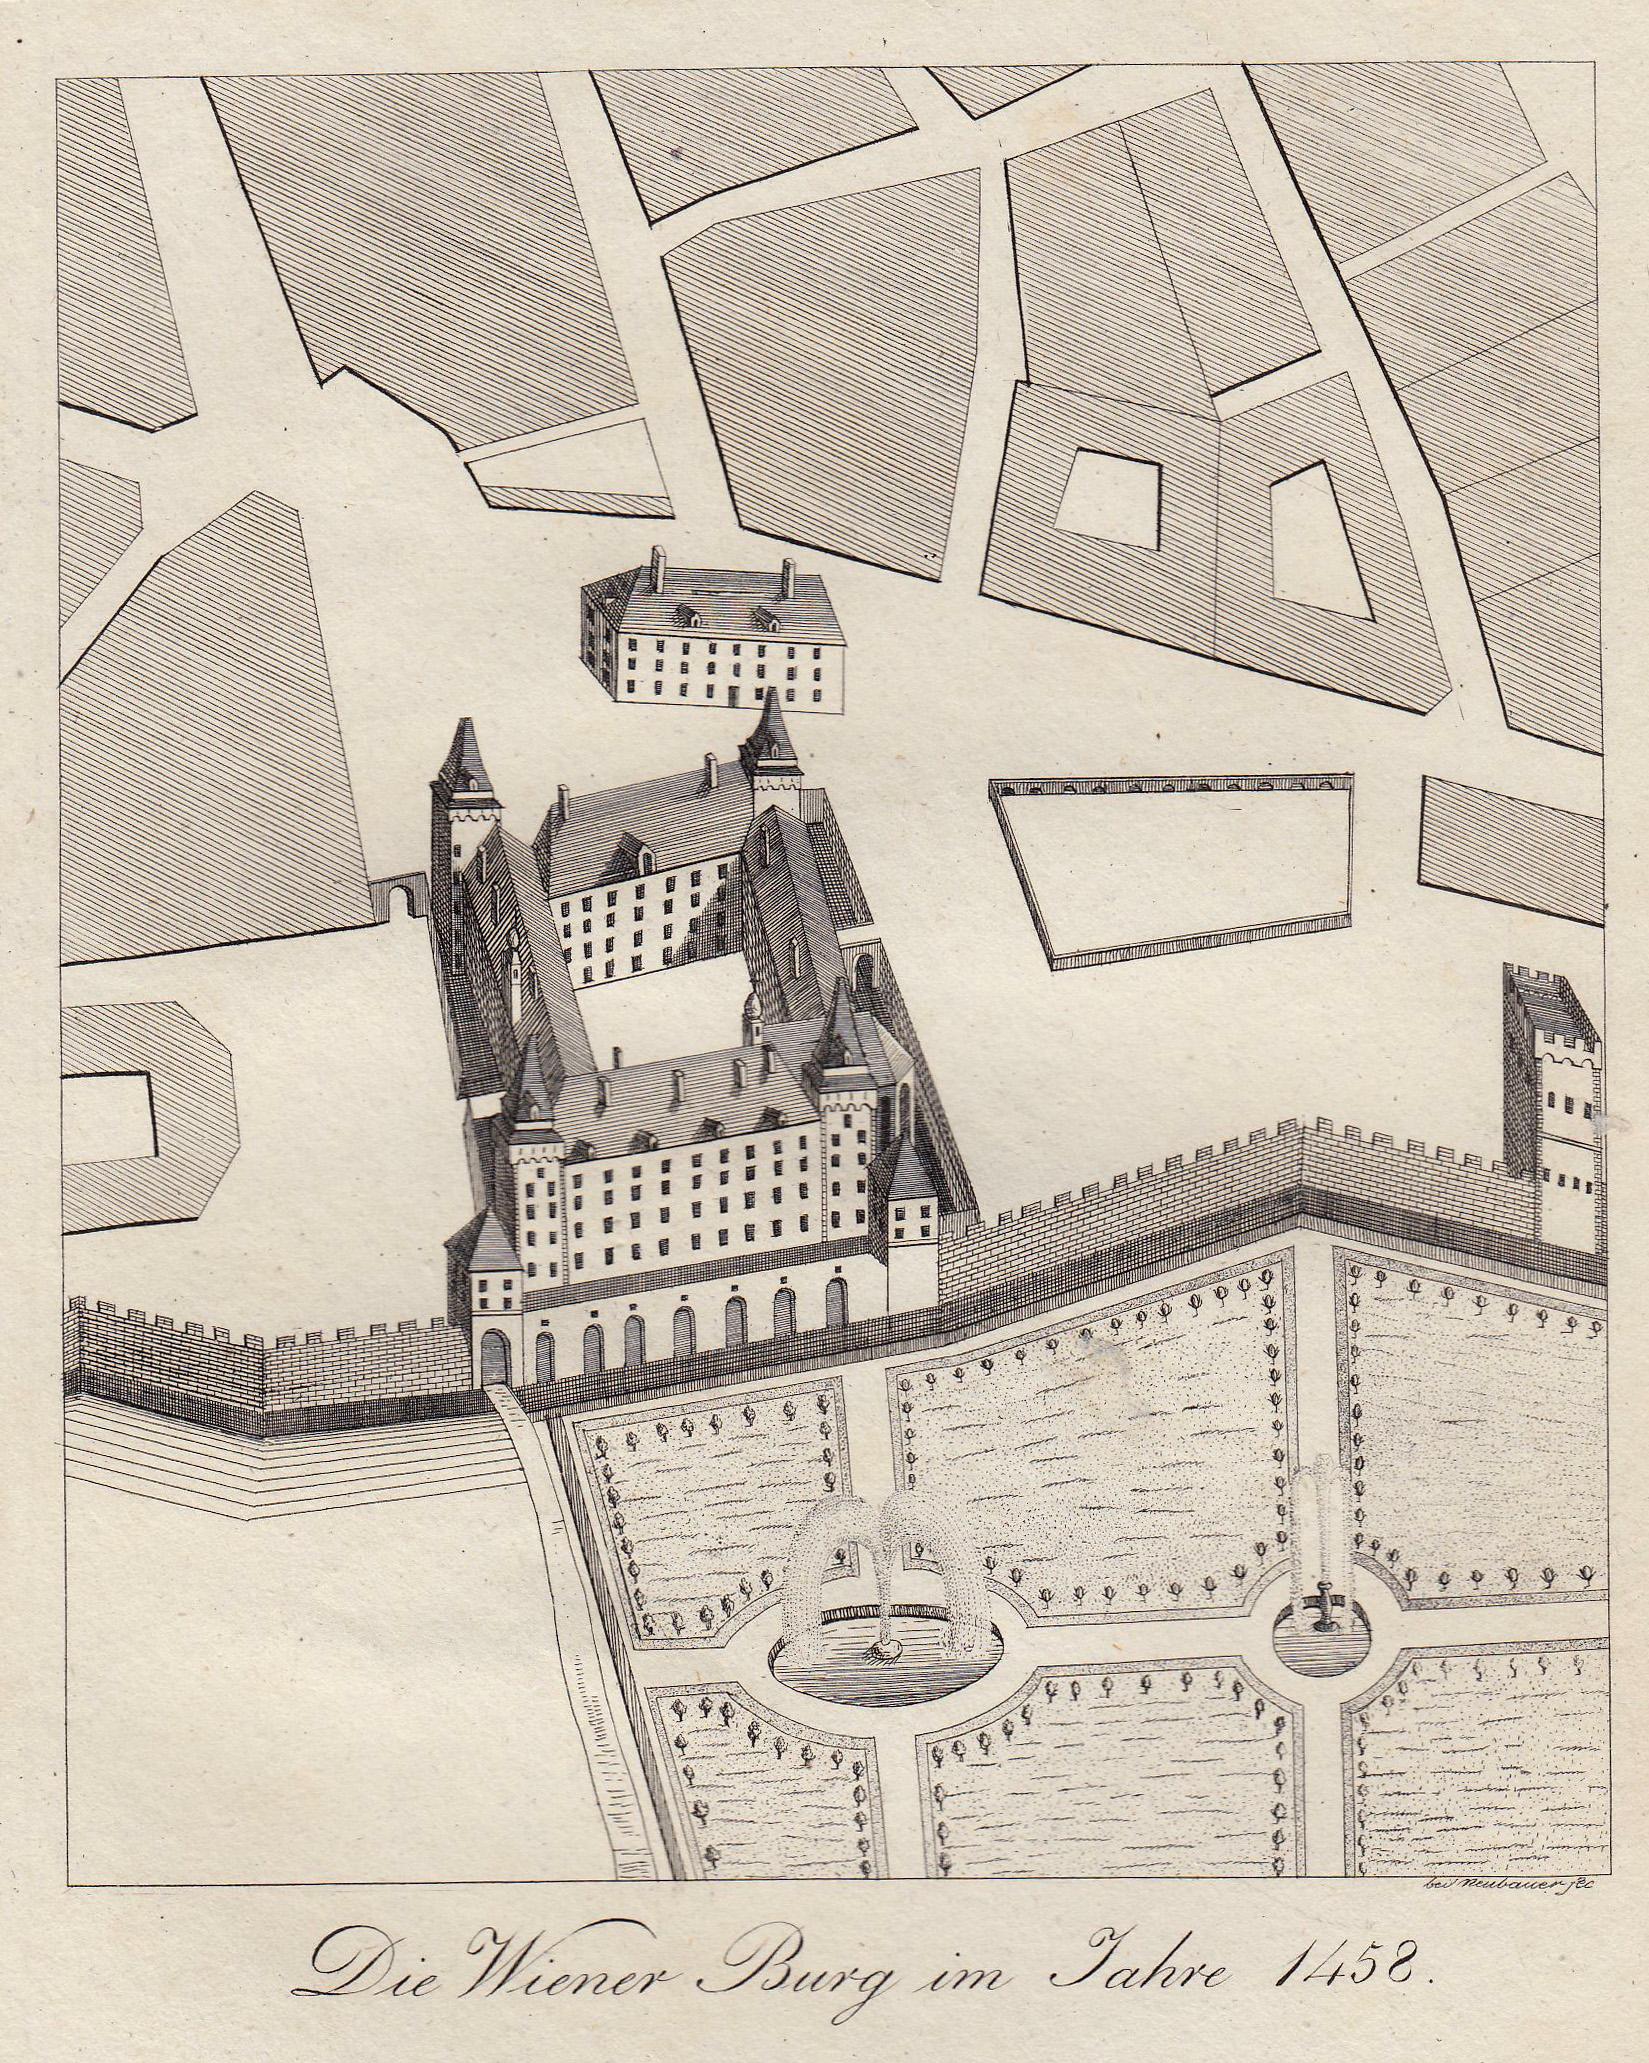 """TA., Hofburg, Vogelschauansicht, """"Die Wiener Burg im: Wien ( Vienna"""